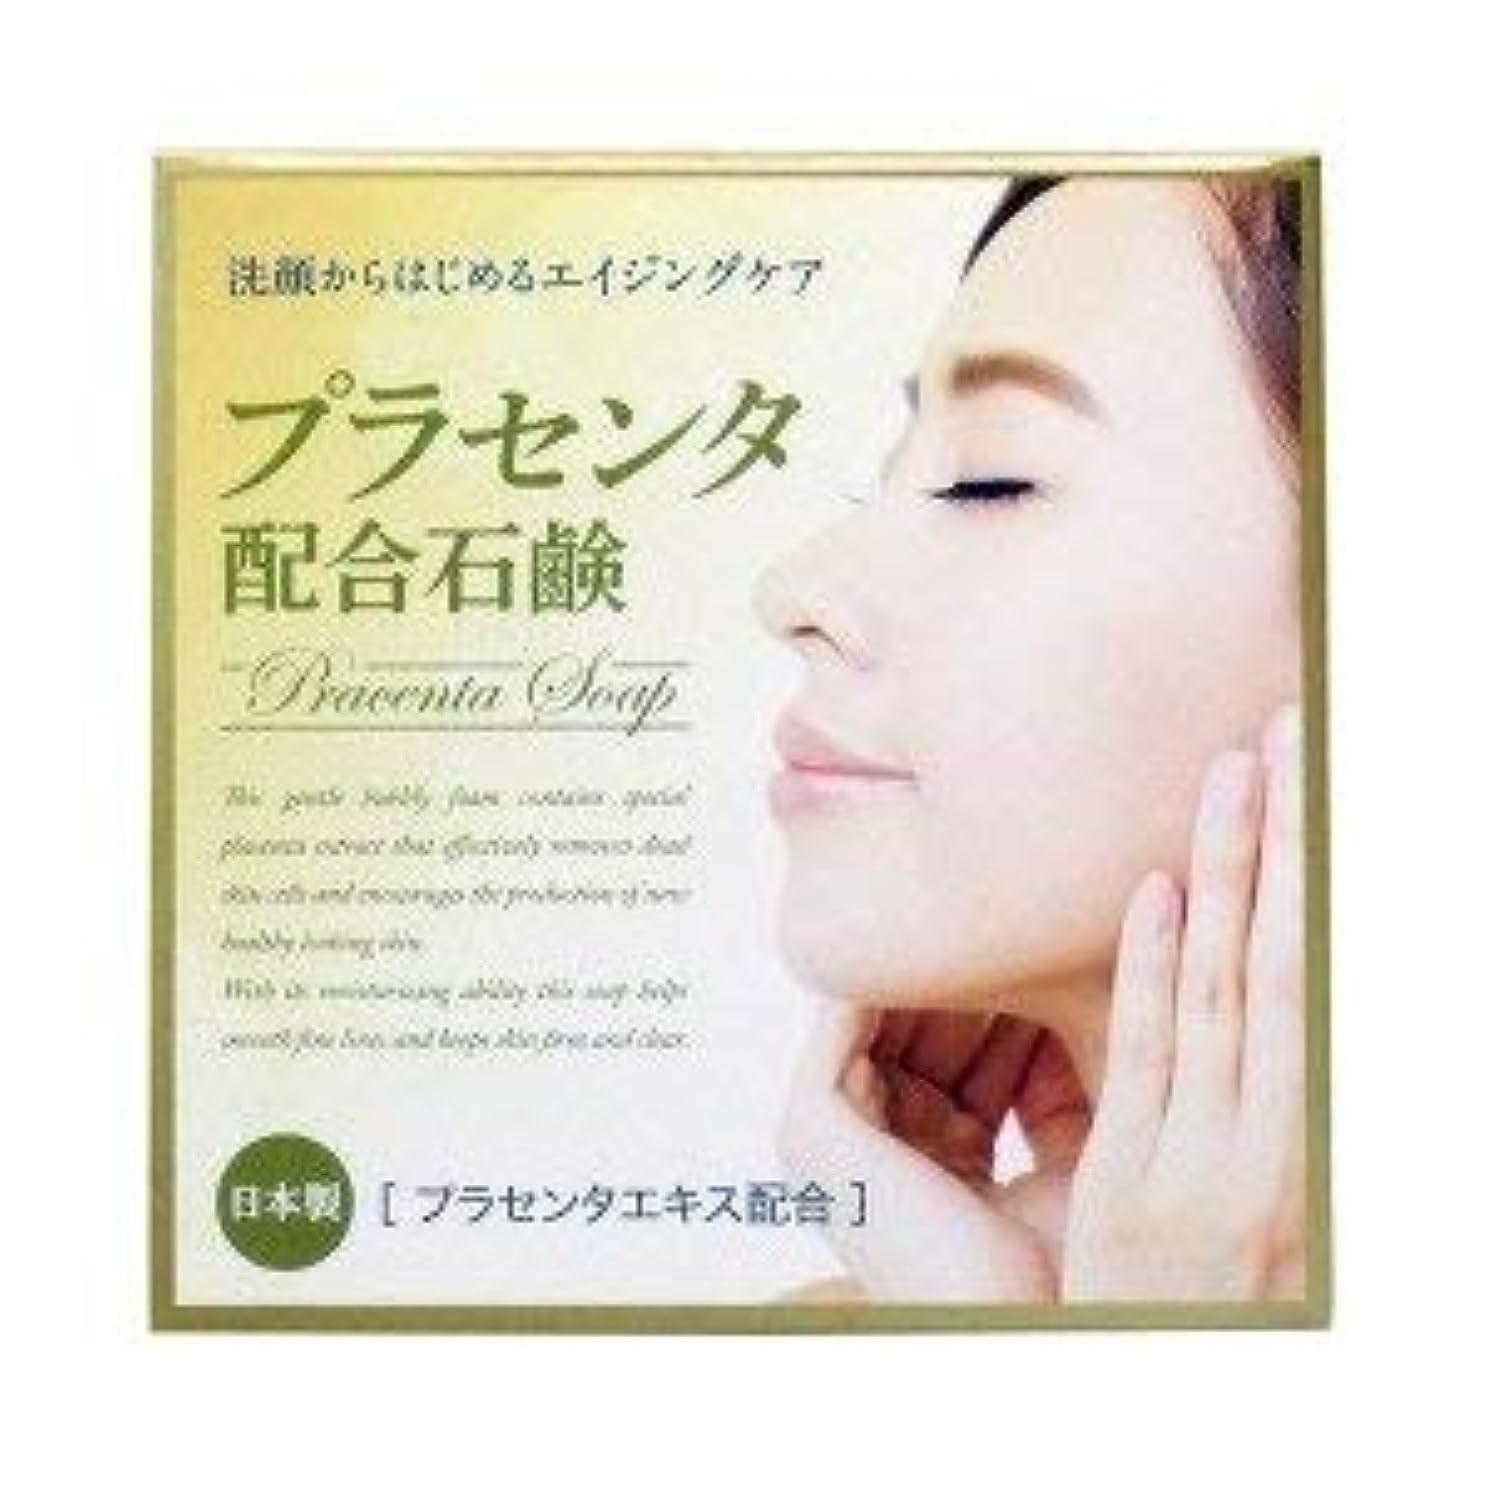 胆嚢無心一次プラセンタ配合石鹸 80g×2 2個1セット プラセンタエキス保湿成分配合 日本製